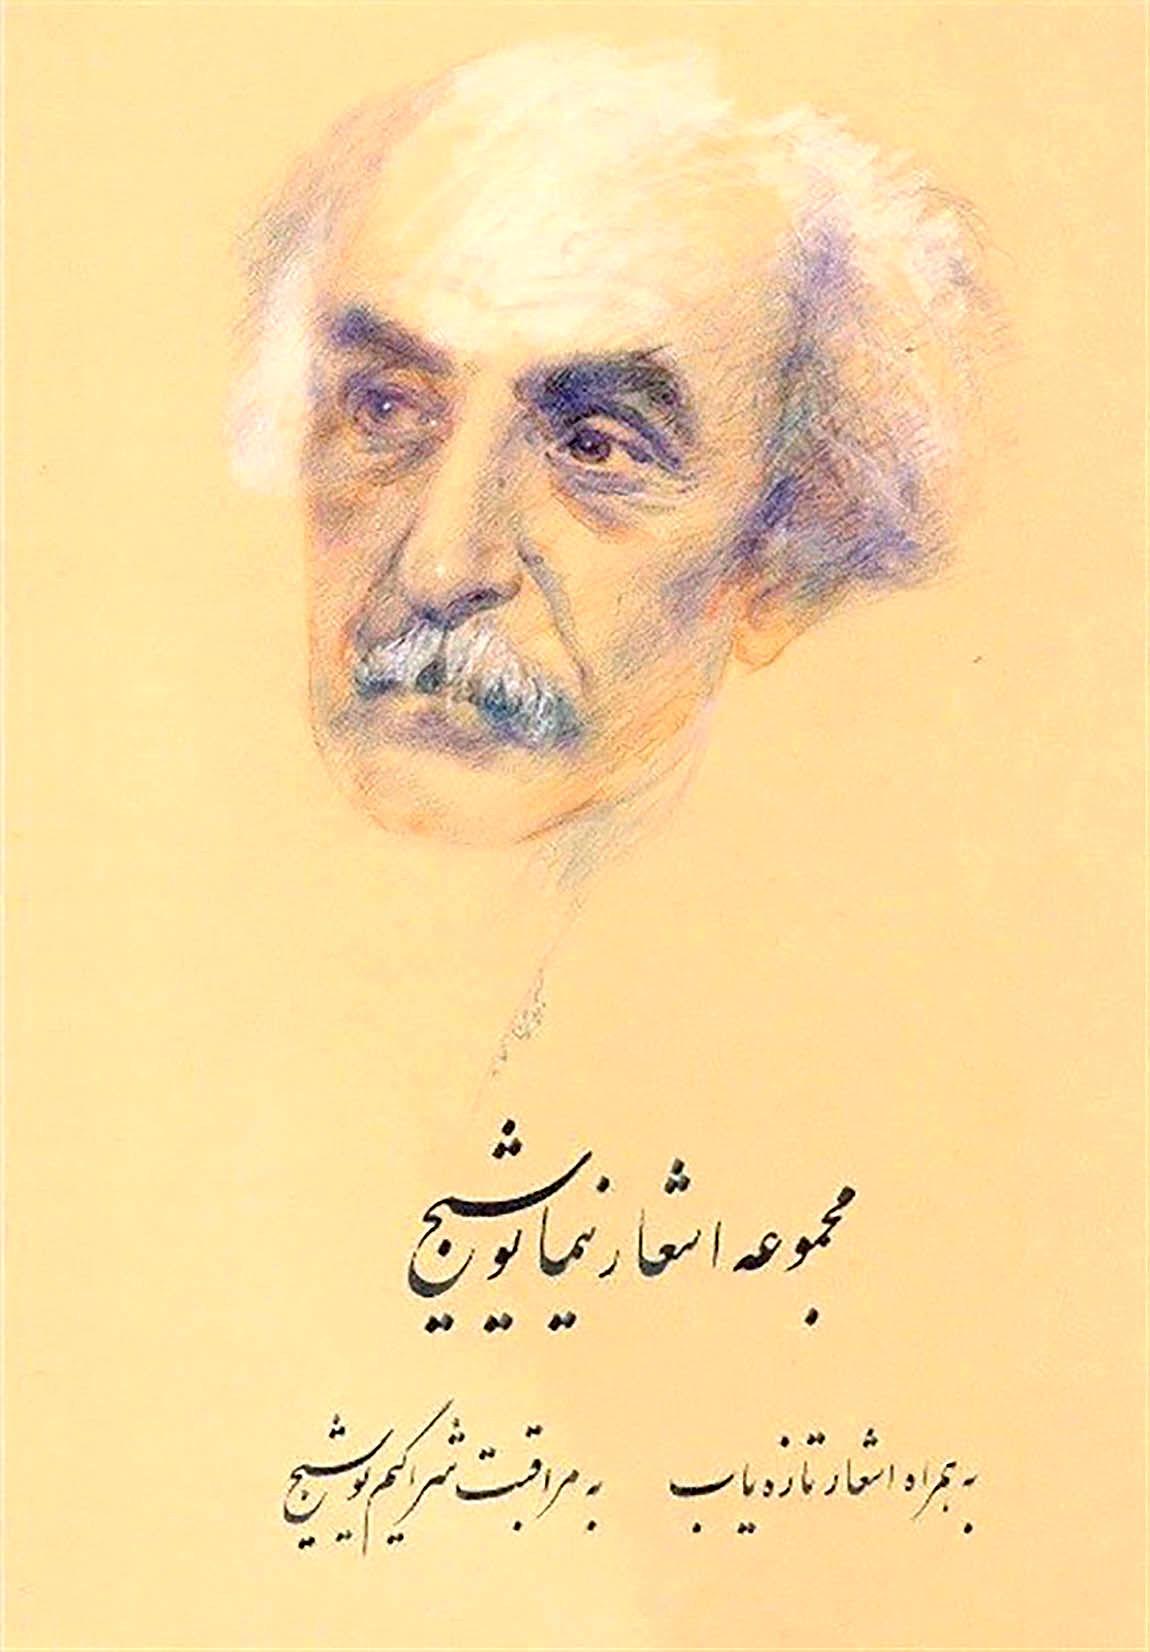 انتشار شعرهای تازه کشف شده نیما یوشیج